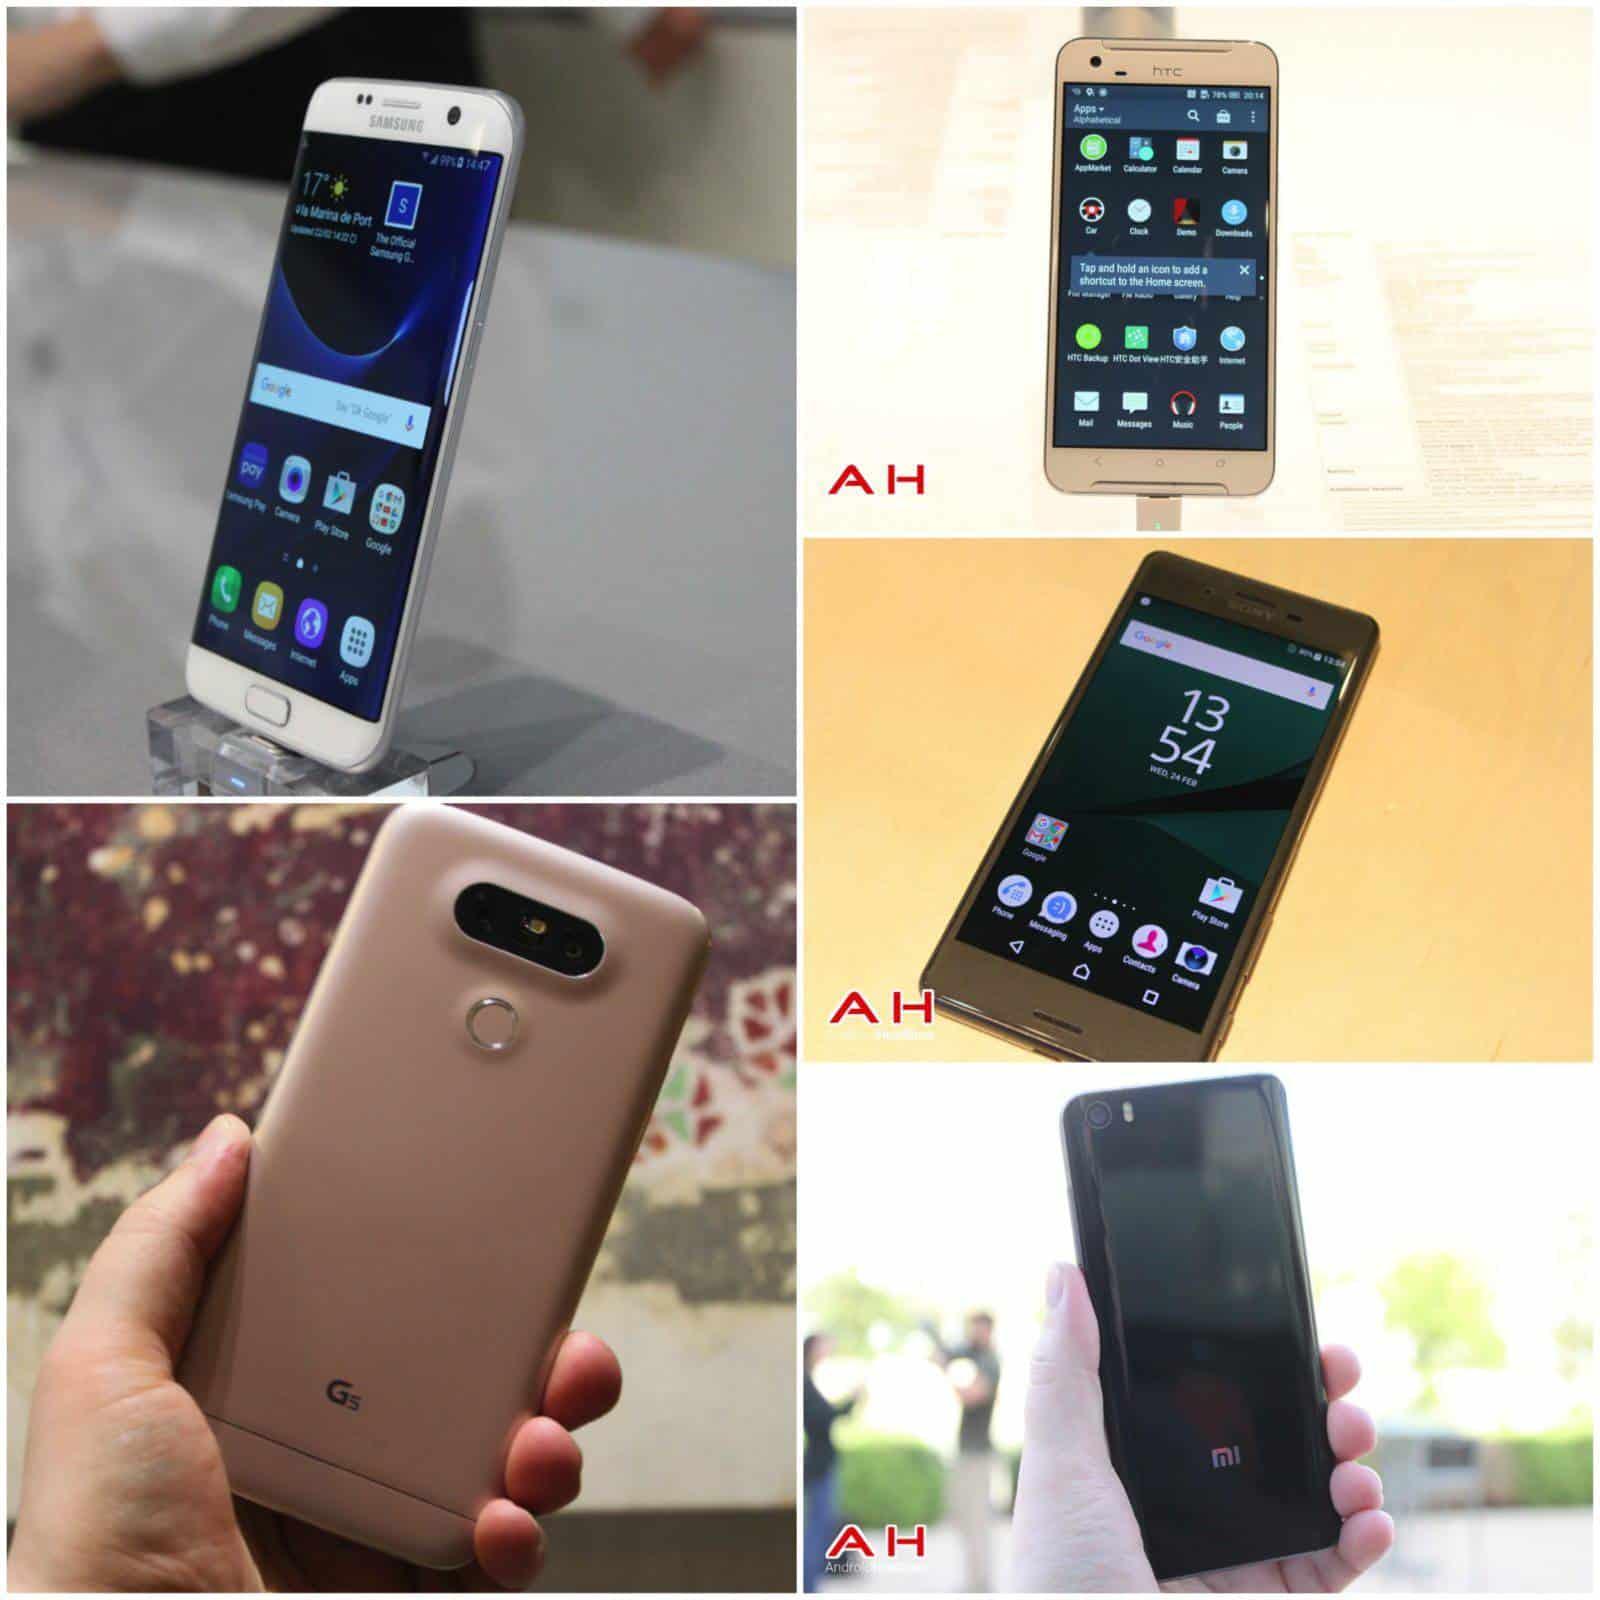 MWC Smartphones 2